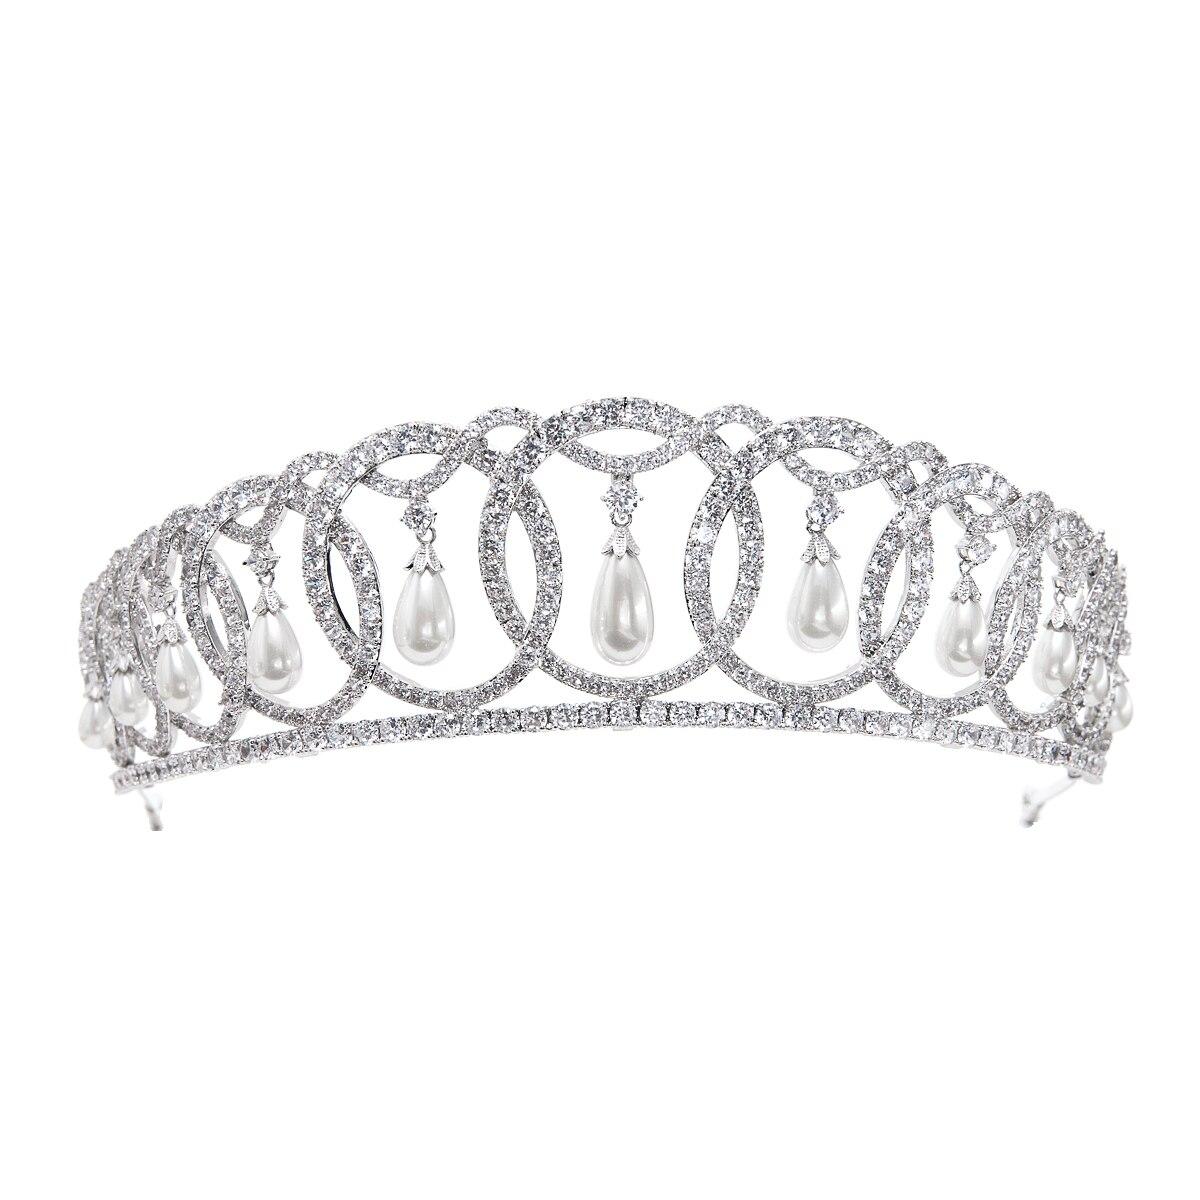 2019 klasyczny Design cyrkonia dynda perły ślubne diadem dla panny młodej korony dla kobiet włosy ślubne akcesoria biżuteria CH10223 w Biżuteria do włosów od Biżuteria i akcesoria na  Grupa 1